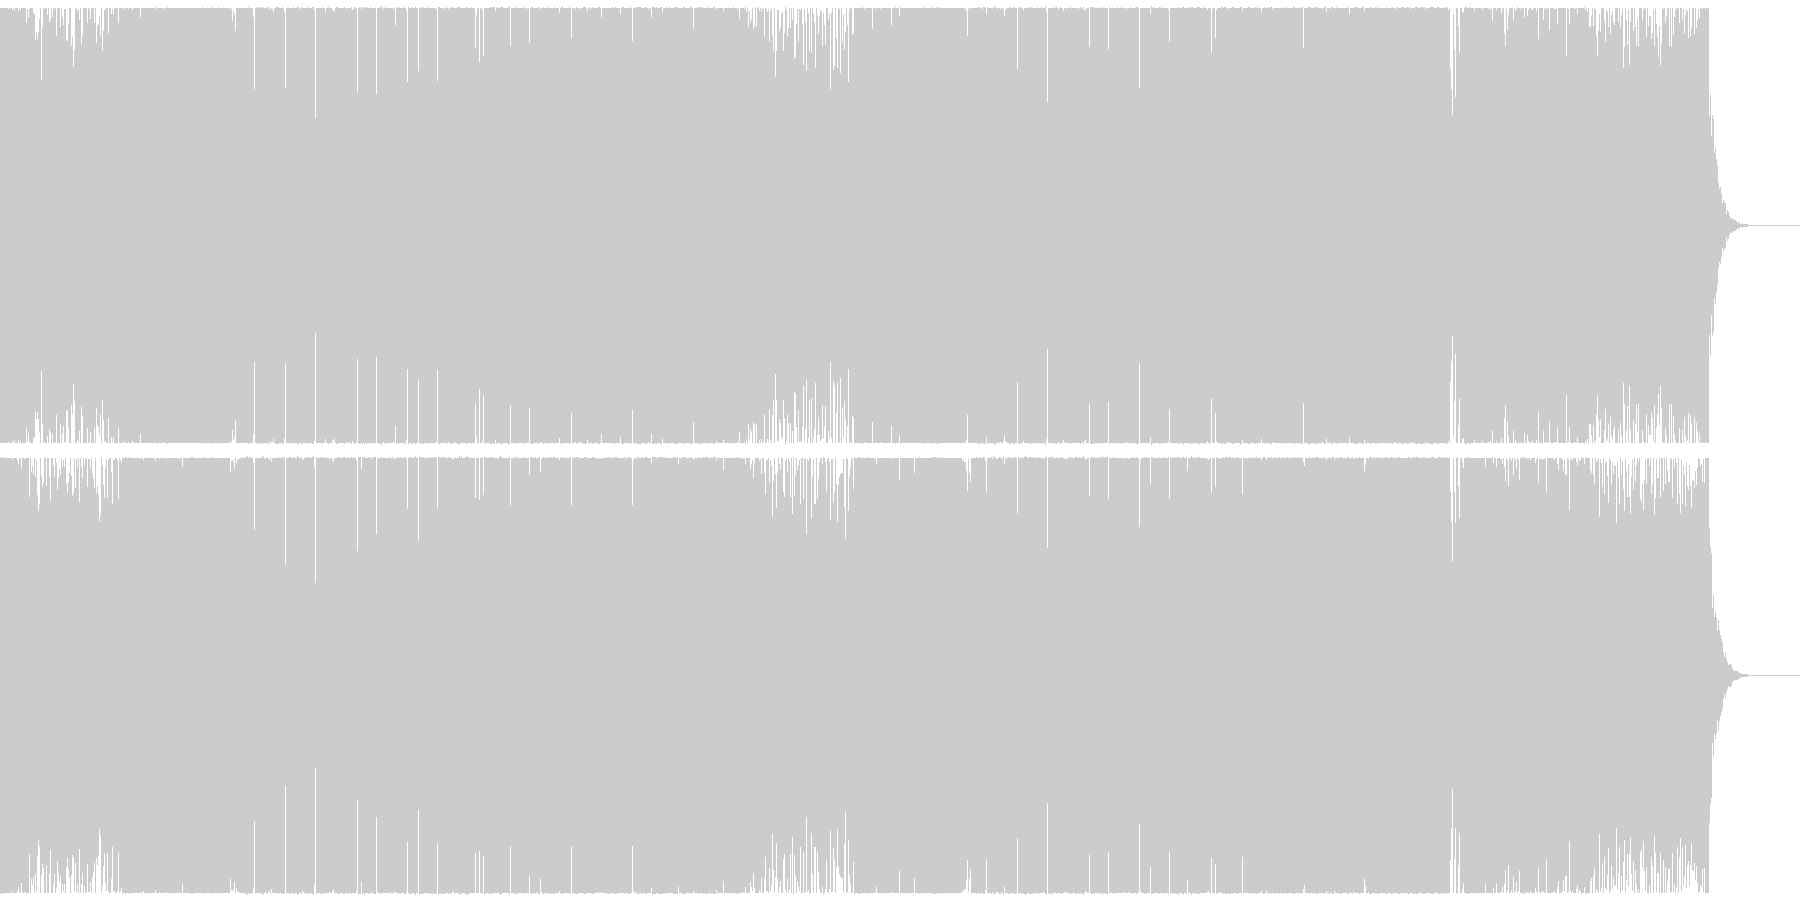 疾走感のあるカラフルなEDMハウスの未再生の波形